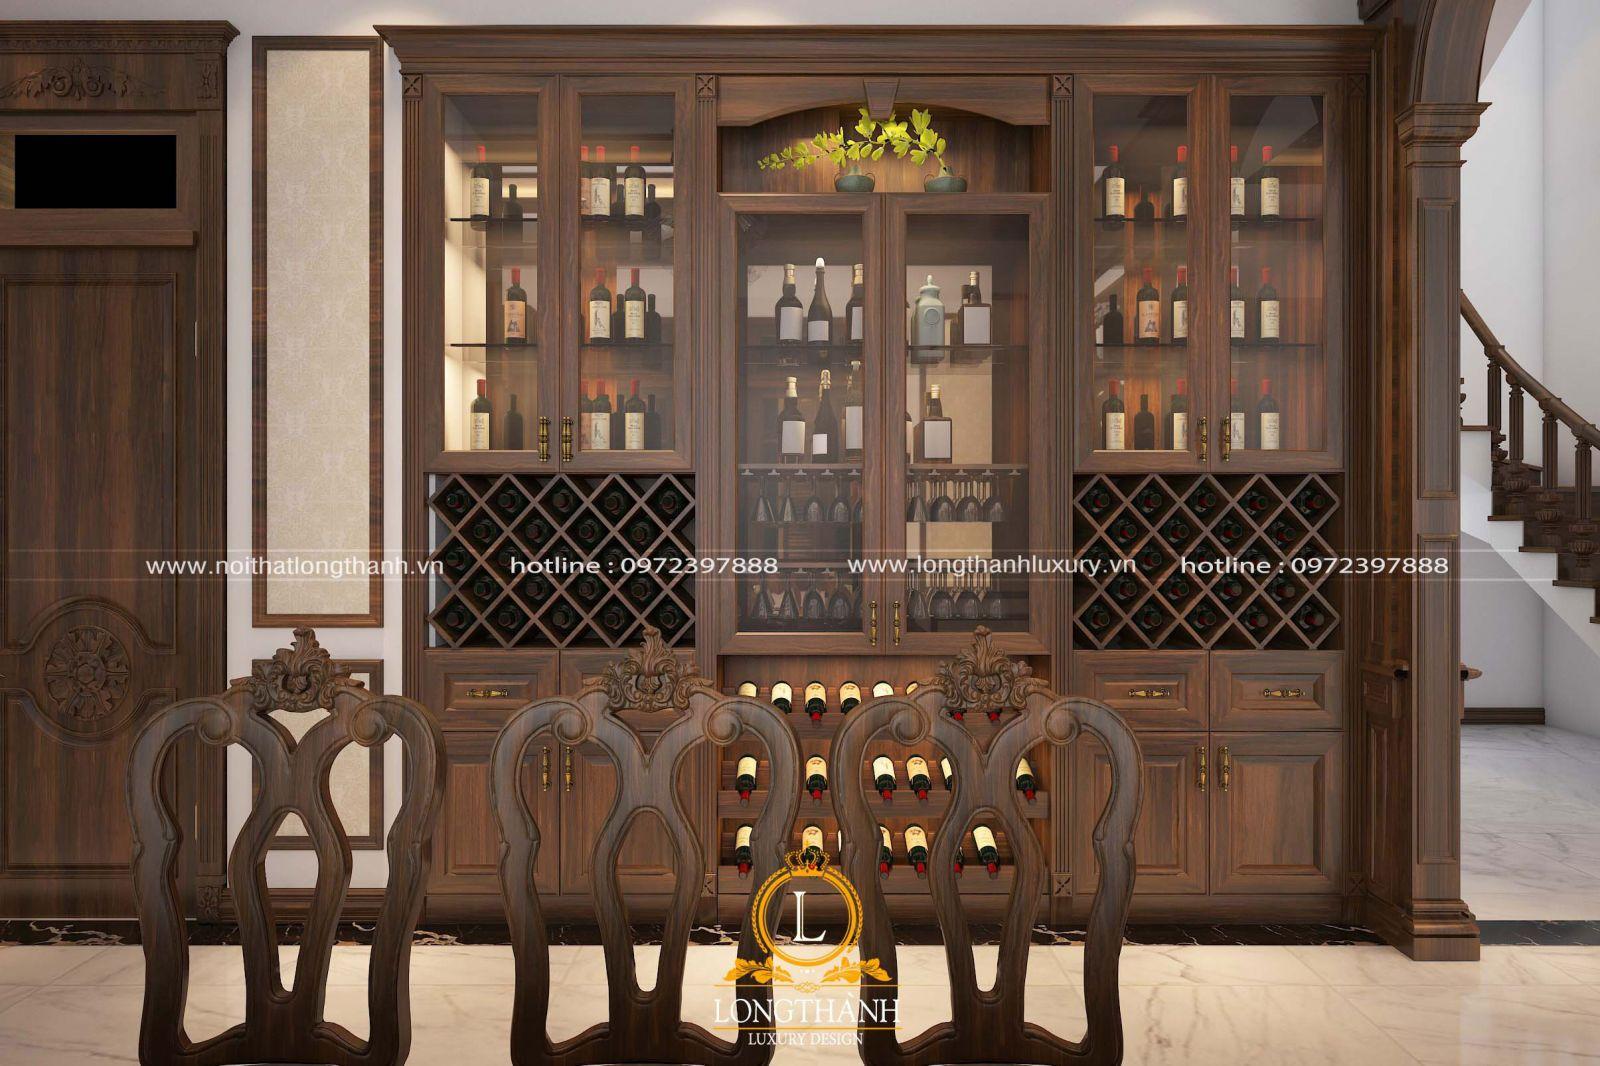 Tủ rượu đẹp sang trọng và tinh tế